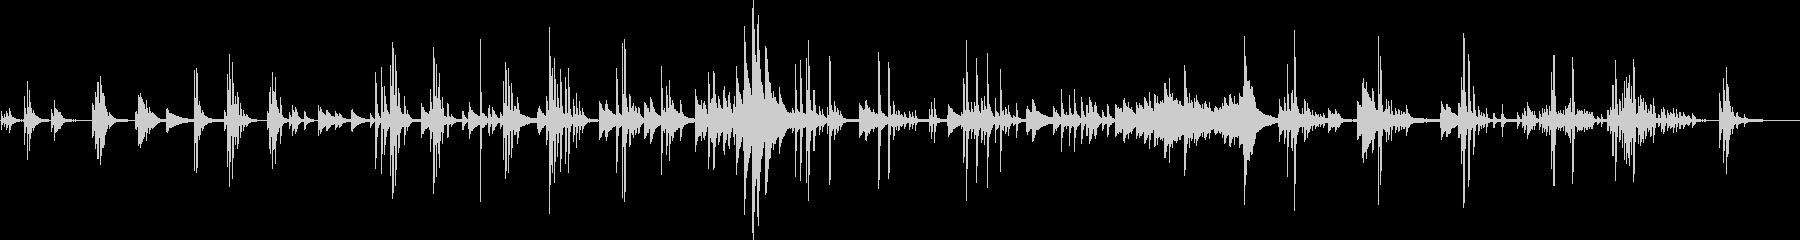 繊細で切ないピアノ曲(悲しい・儚い)の未再生の波形